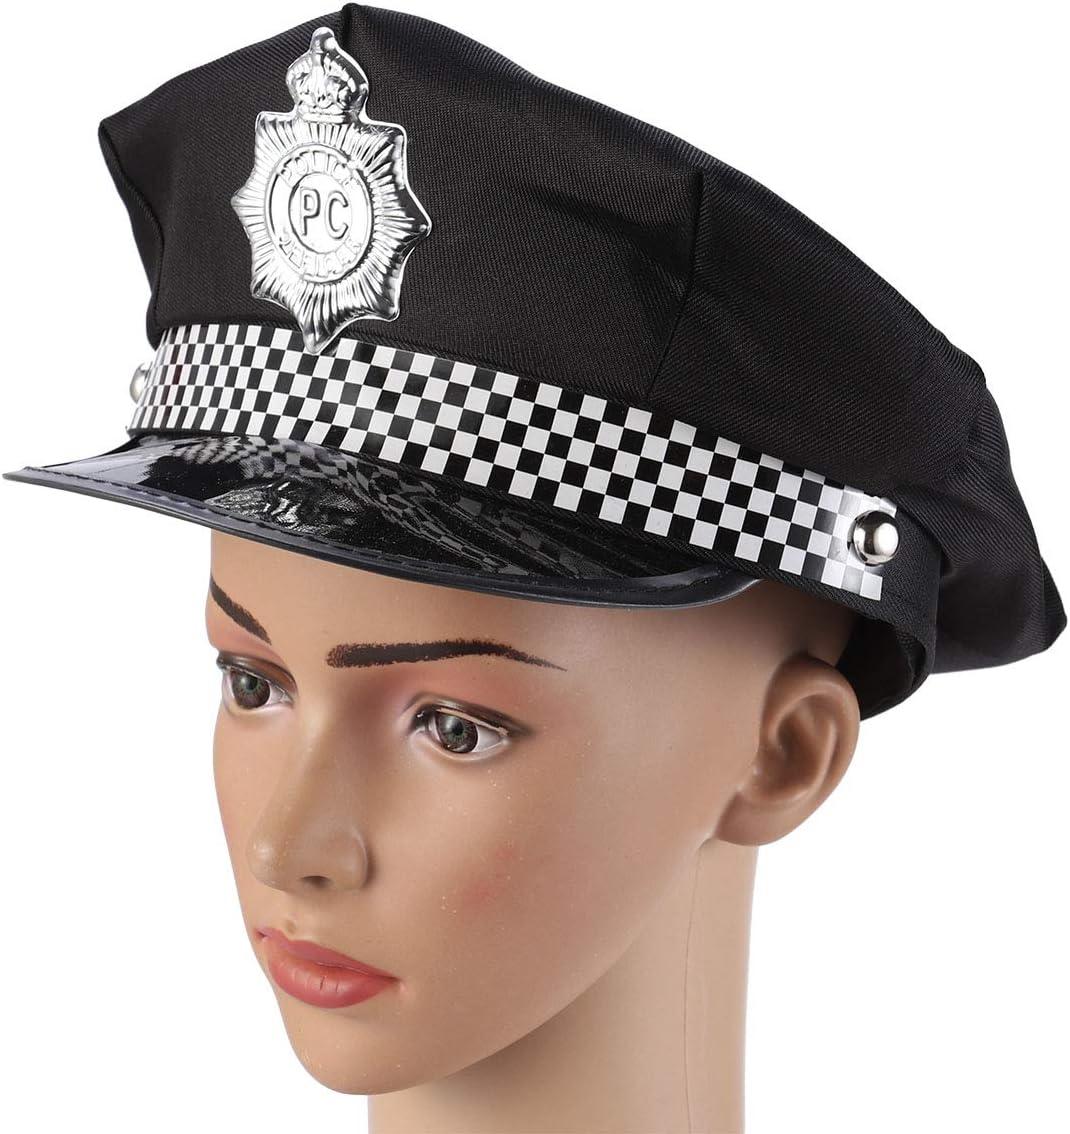 Amosfun Gorro de Policía Sombrero de Policía Gorros de Disfraz ...